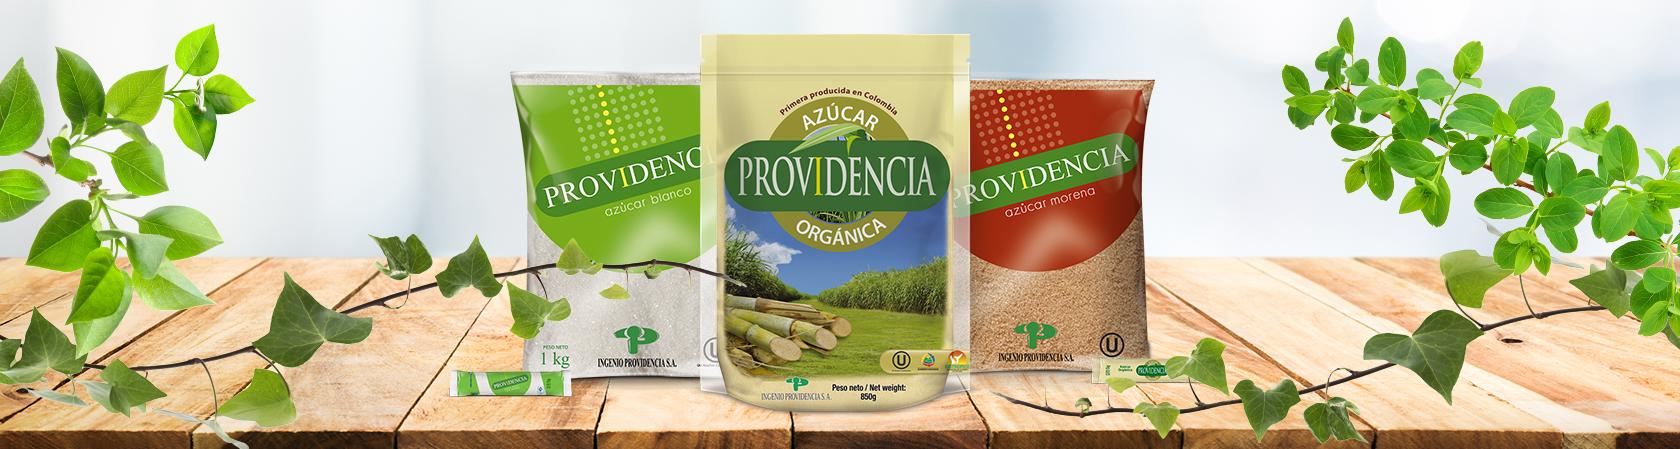 ing-providencia_productos-2018_en